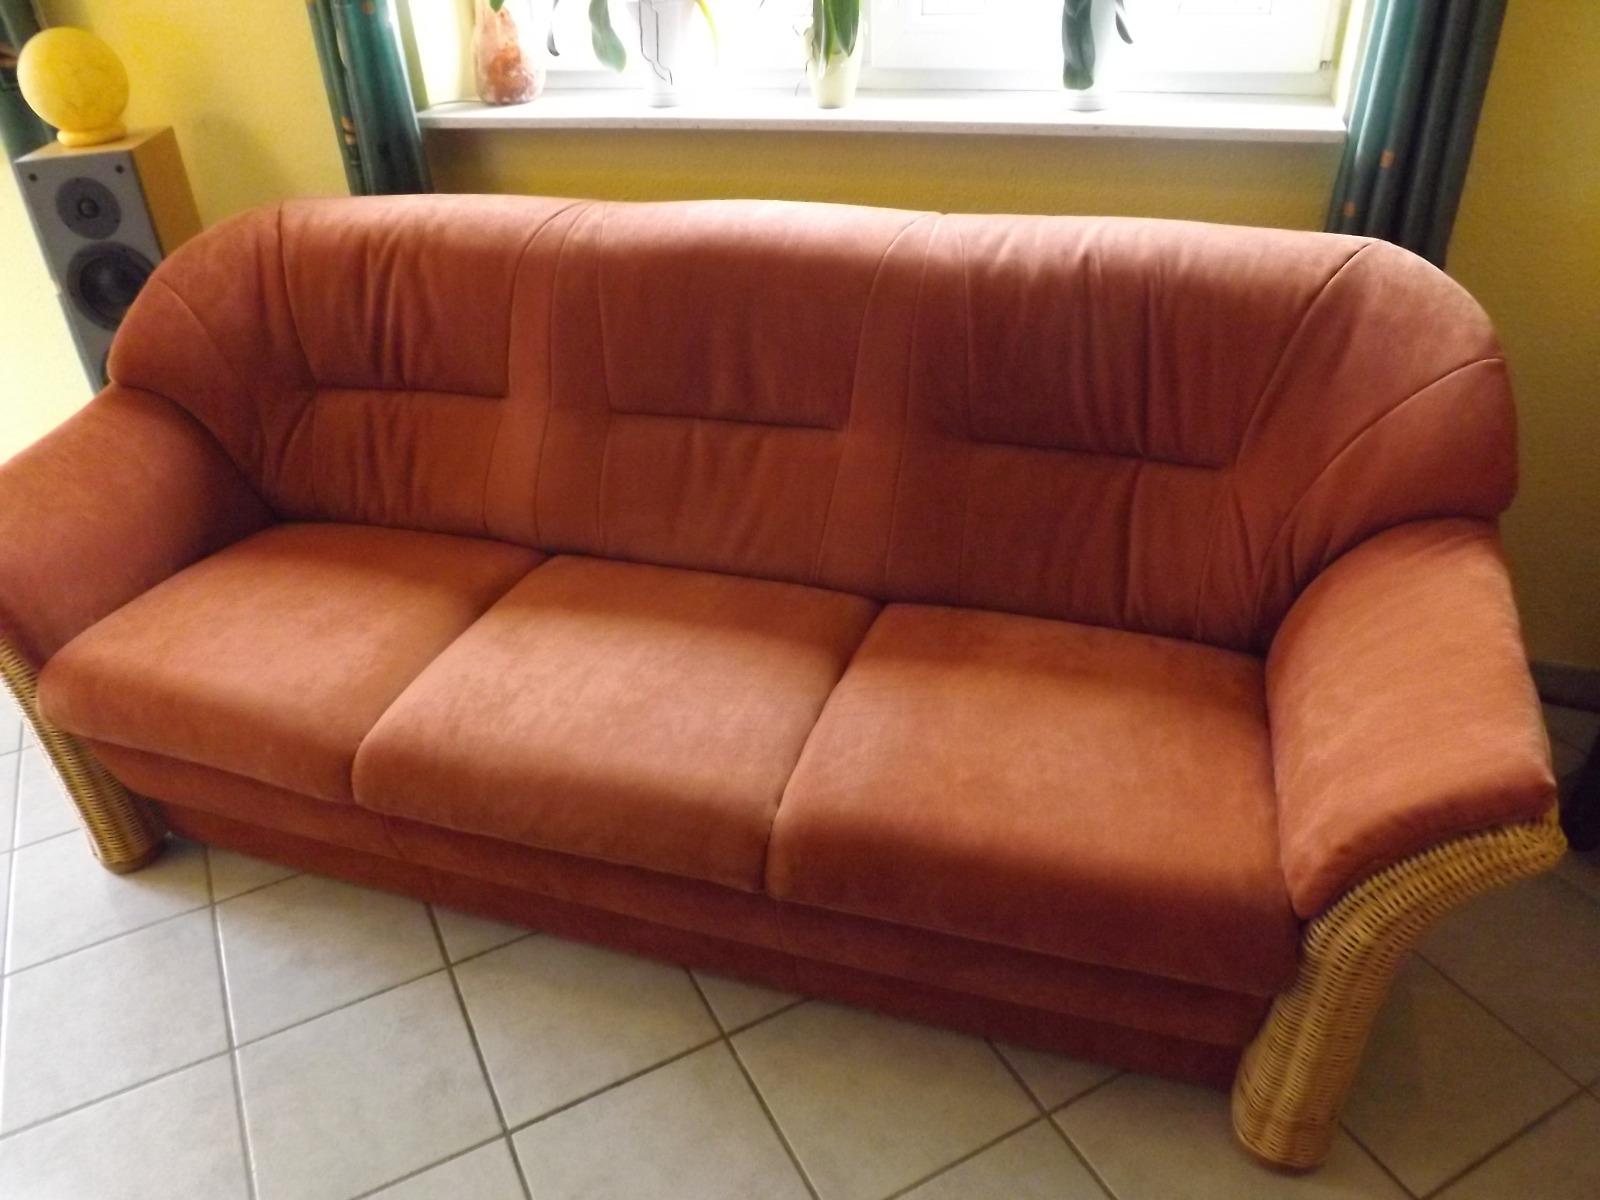 Full Size of Sofa Bezug Leder Minotti Günstig Halbrundes Hay Mags Rund Himolla überzug Recamiere Rahaus Chesterfield Mit Abnehmbaren Graues Heimkino Elektrischer Sofa Sofa Bezug